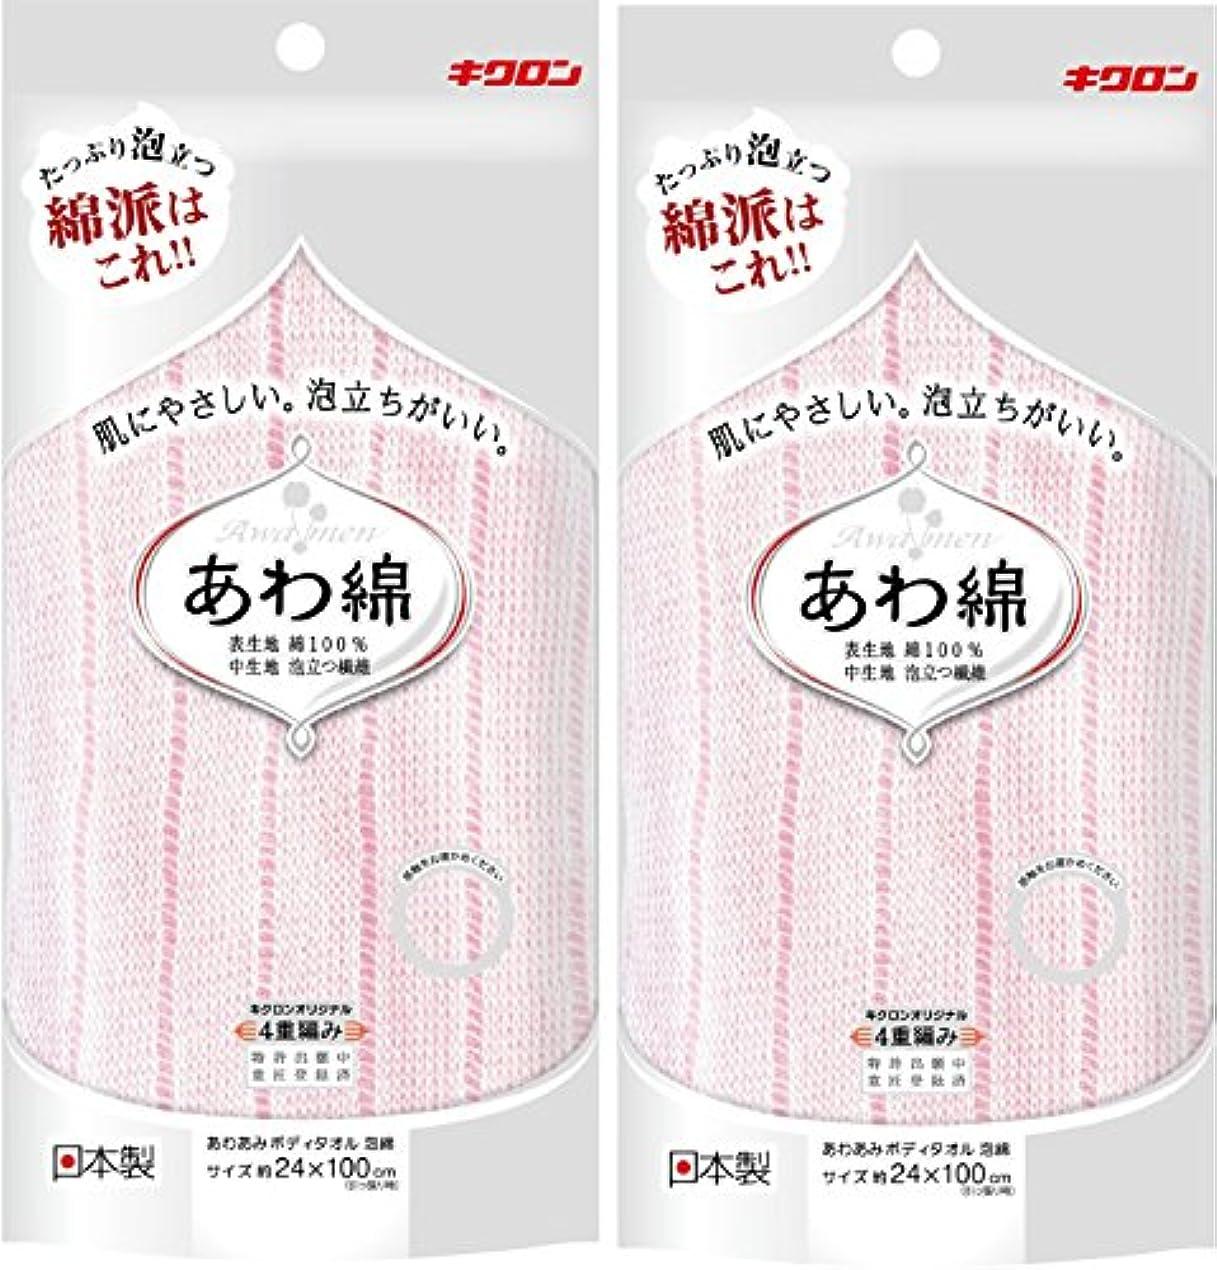 オール試験モロニックキクロン お風呂グッズ 綿でもしっかり泡立つ あわあみ ボディタオル 泡綿 もも 2個入